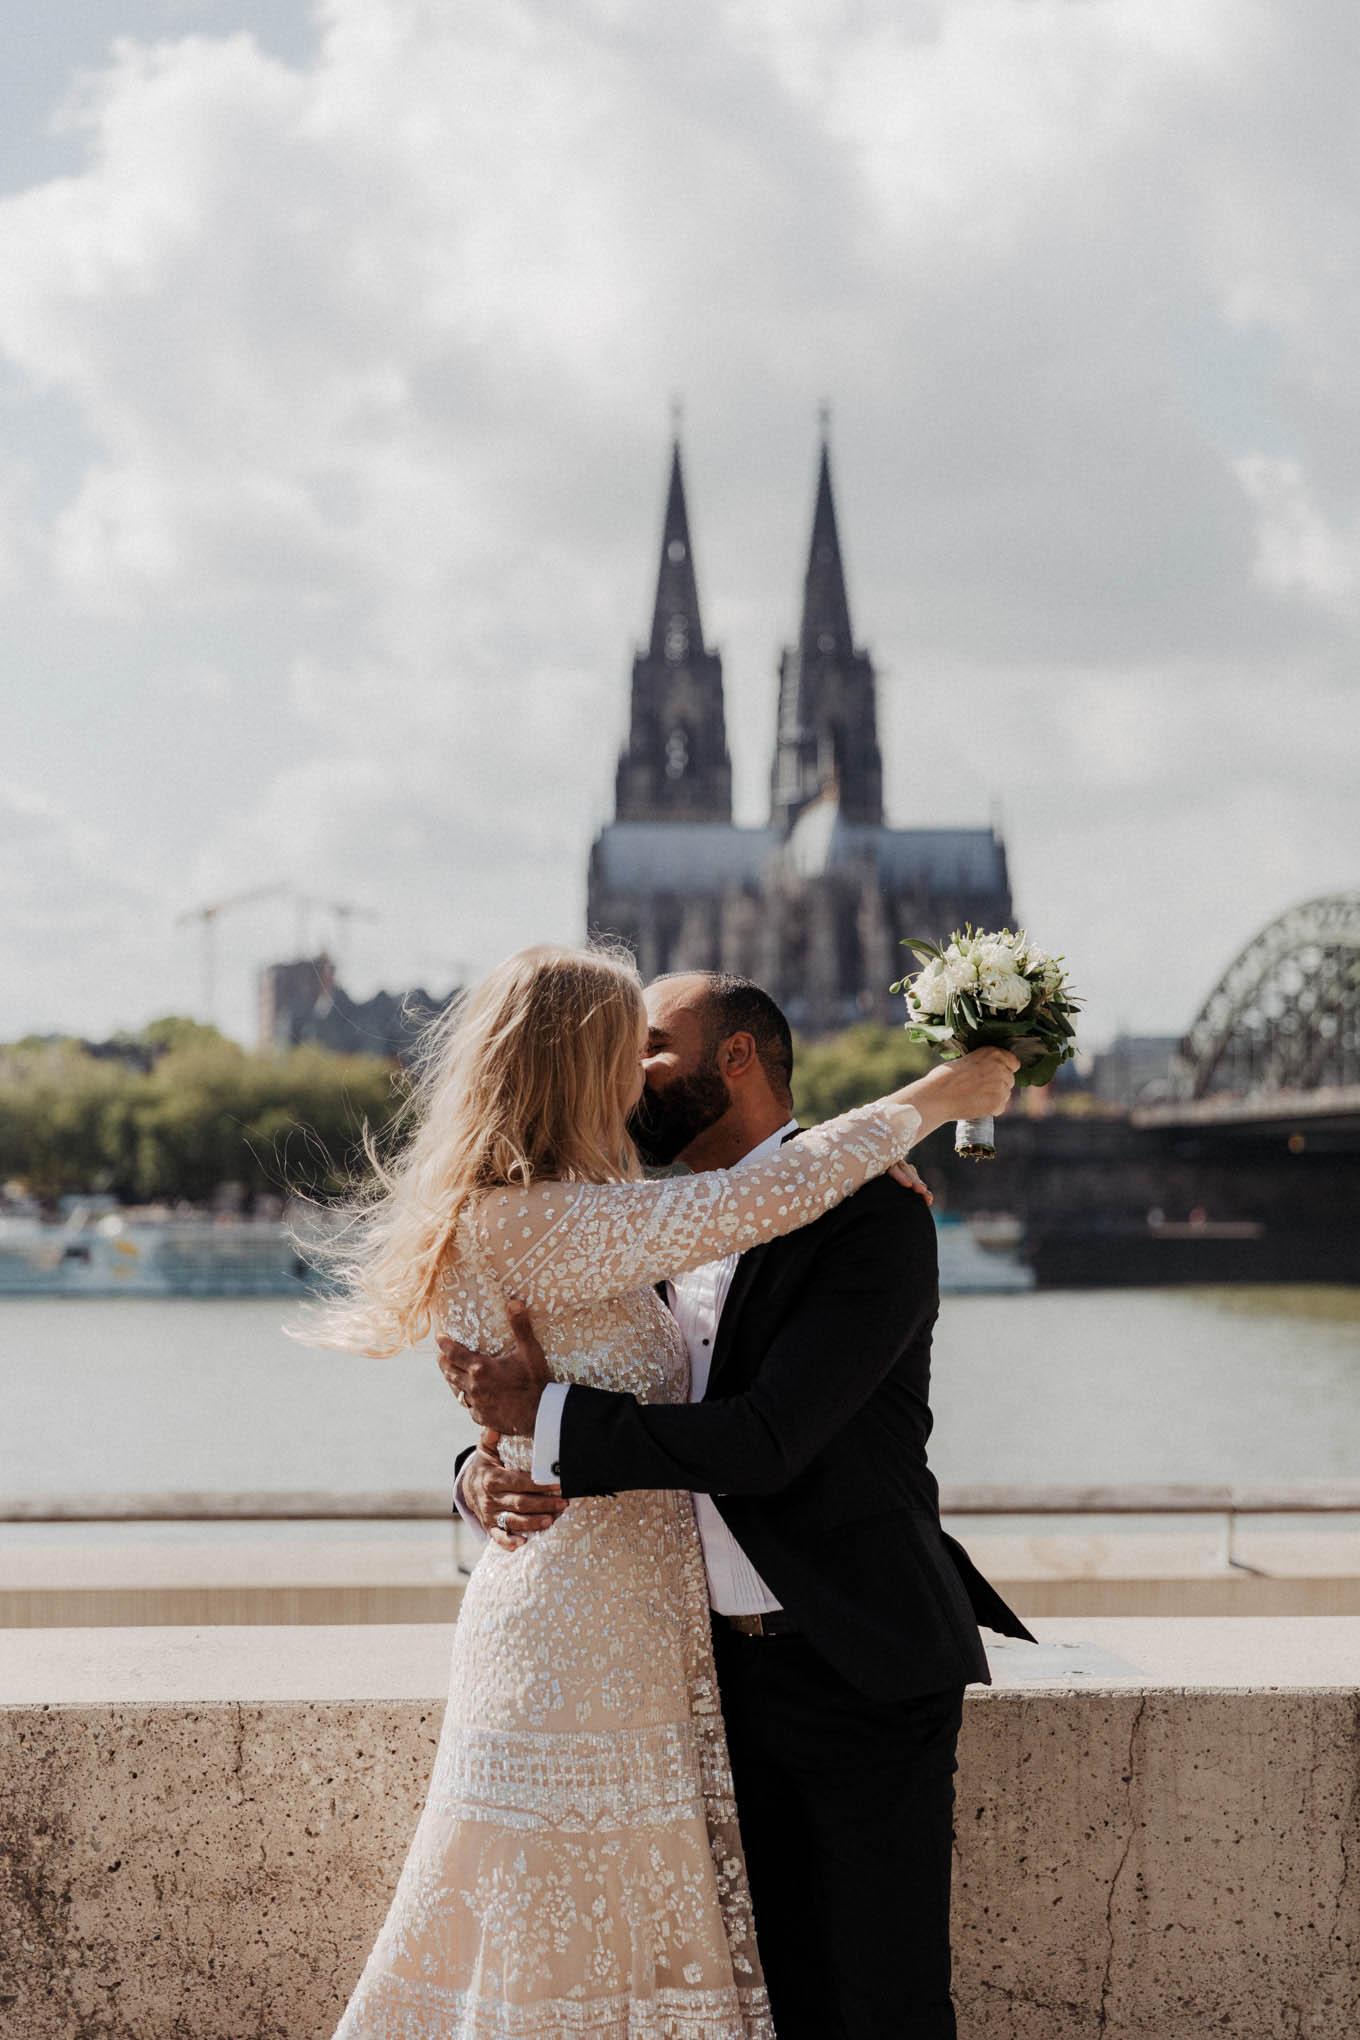 Hochzeitsfoto am Rhein mit Kölner Dom